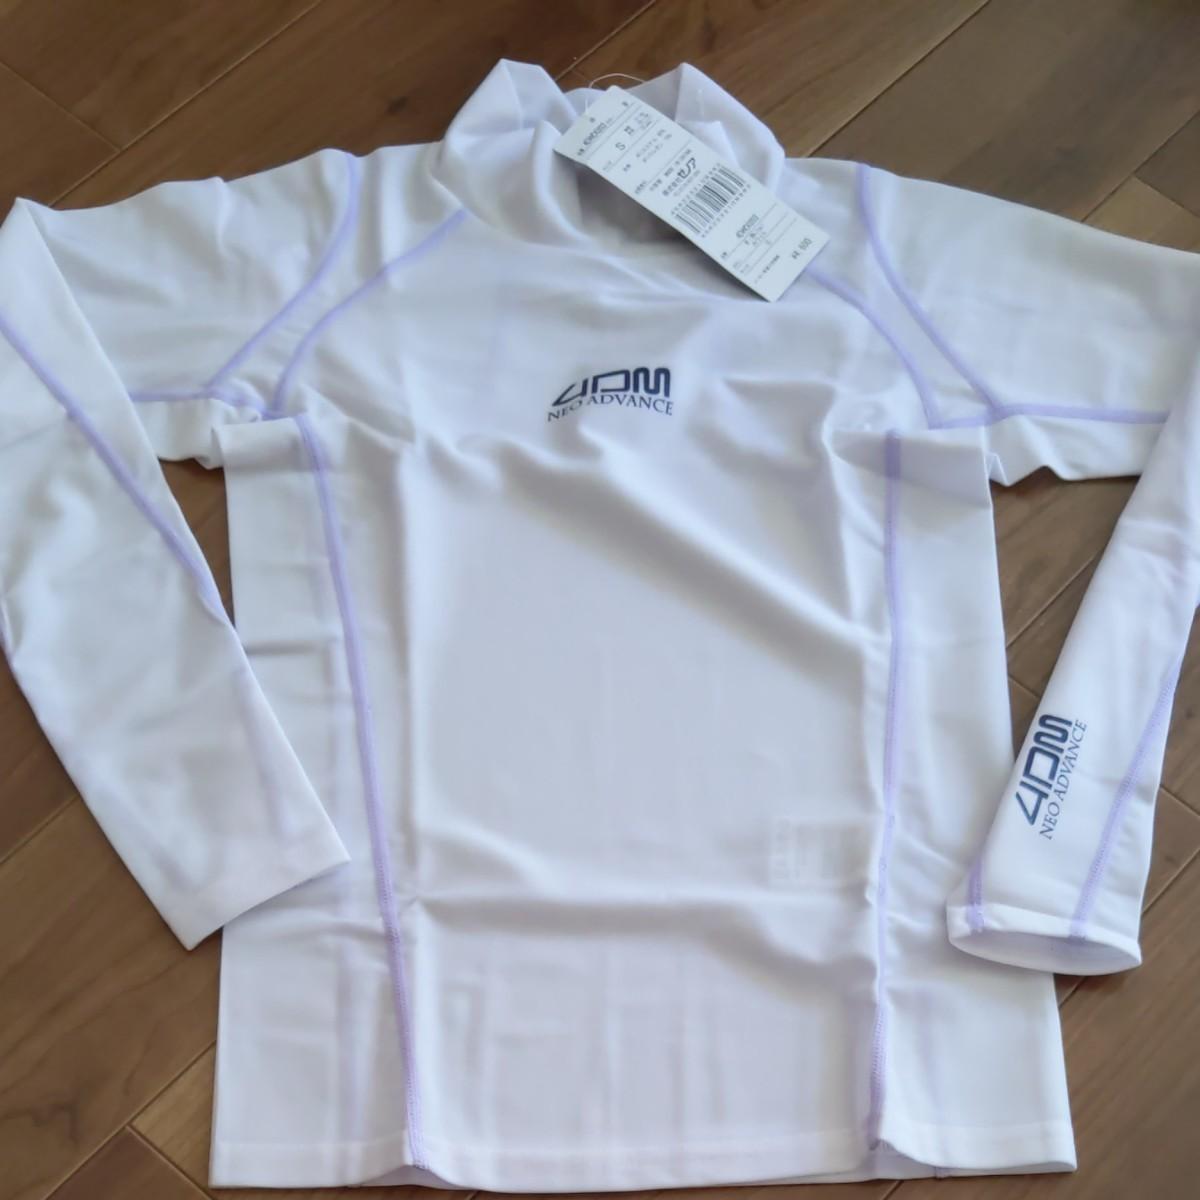 ゼノア 4DM ネオアドバンス 軽量コンプレッションシャツ スポーツウエア トレーニングウェア インナー レディース S ランナー